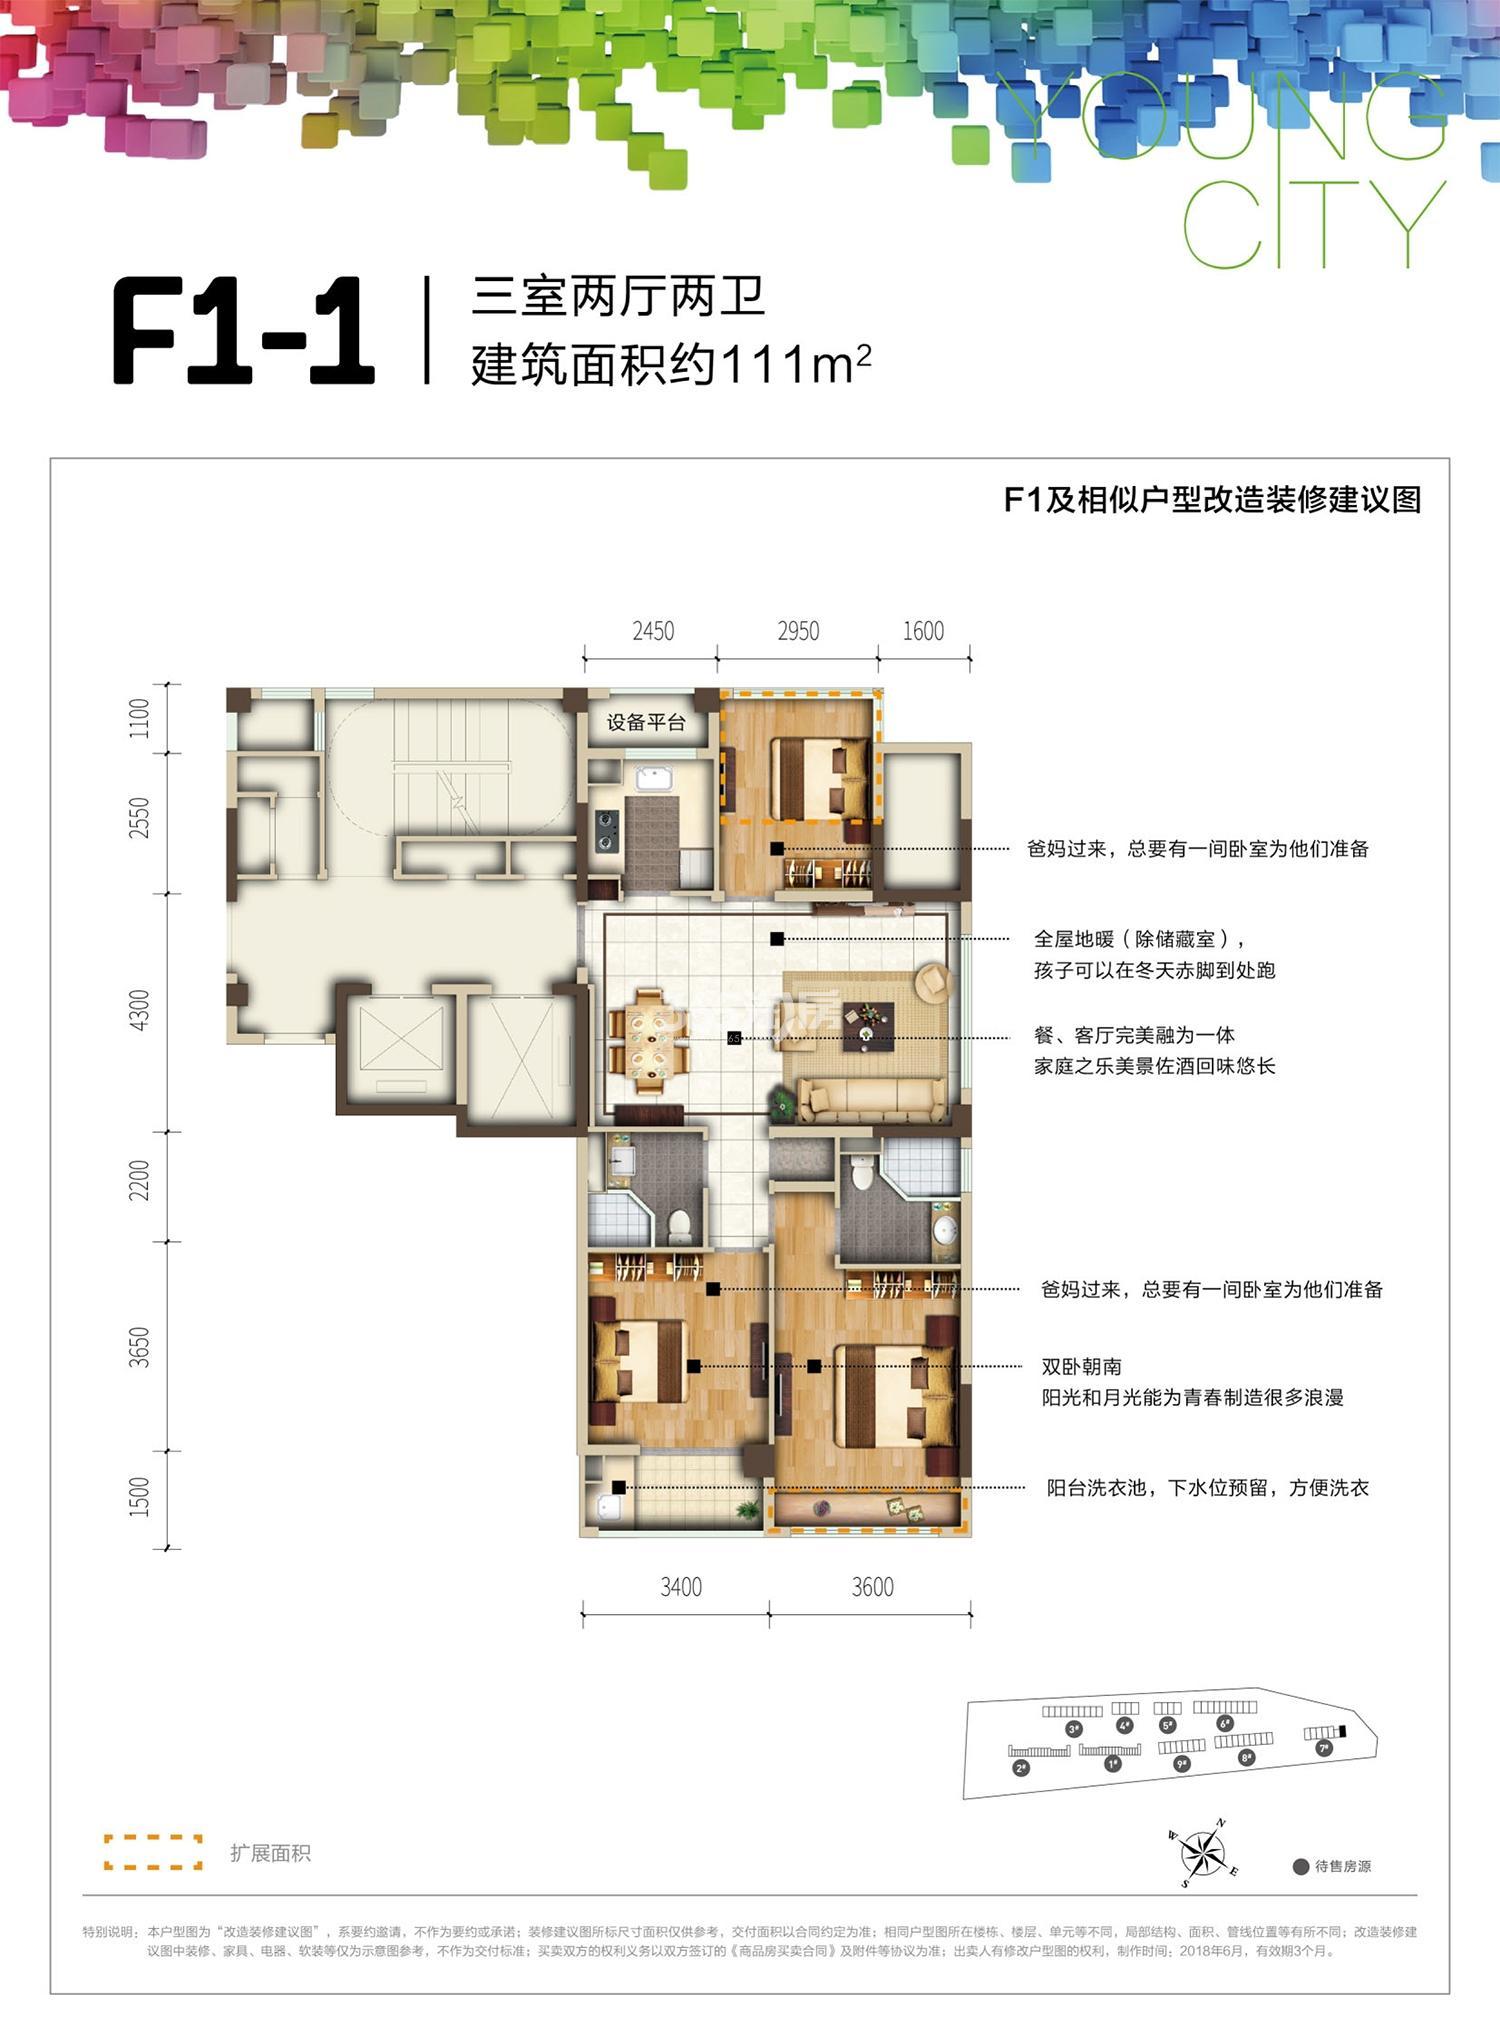 地铁绿城杨柳郡四期F1-1户型约111㎡(7#东边套)